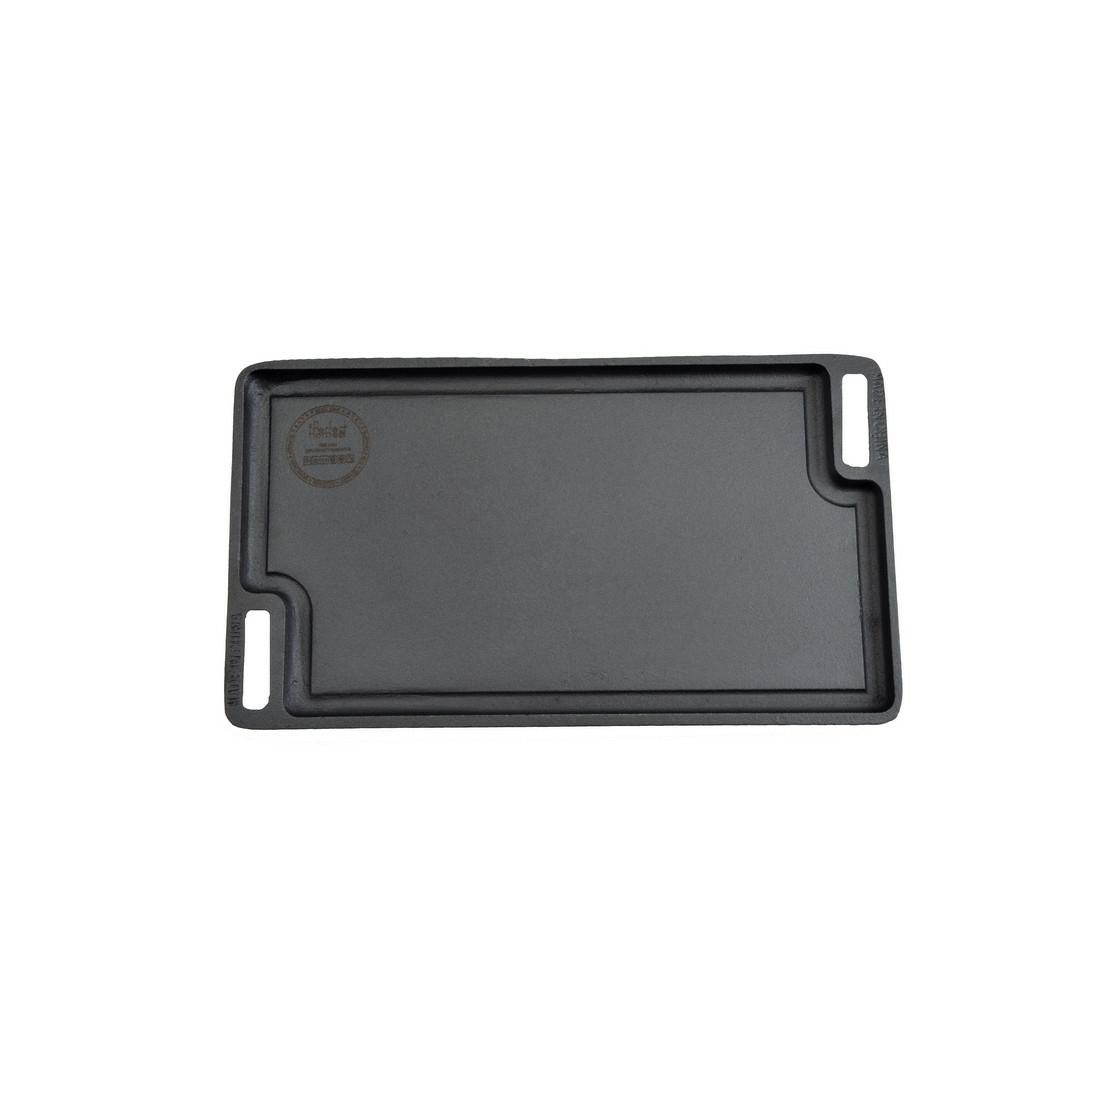 Öntöttvas grill lap forgatható 45*25 cm 2 oldalas